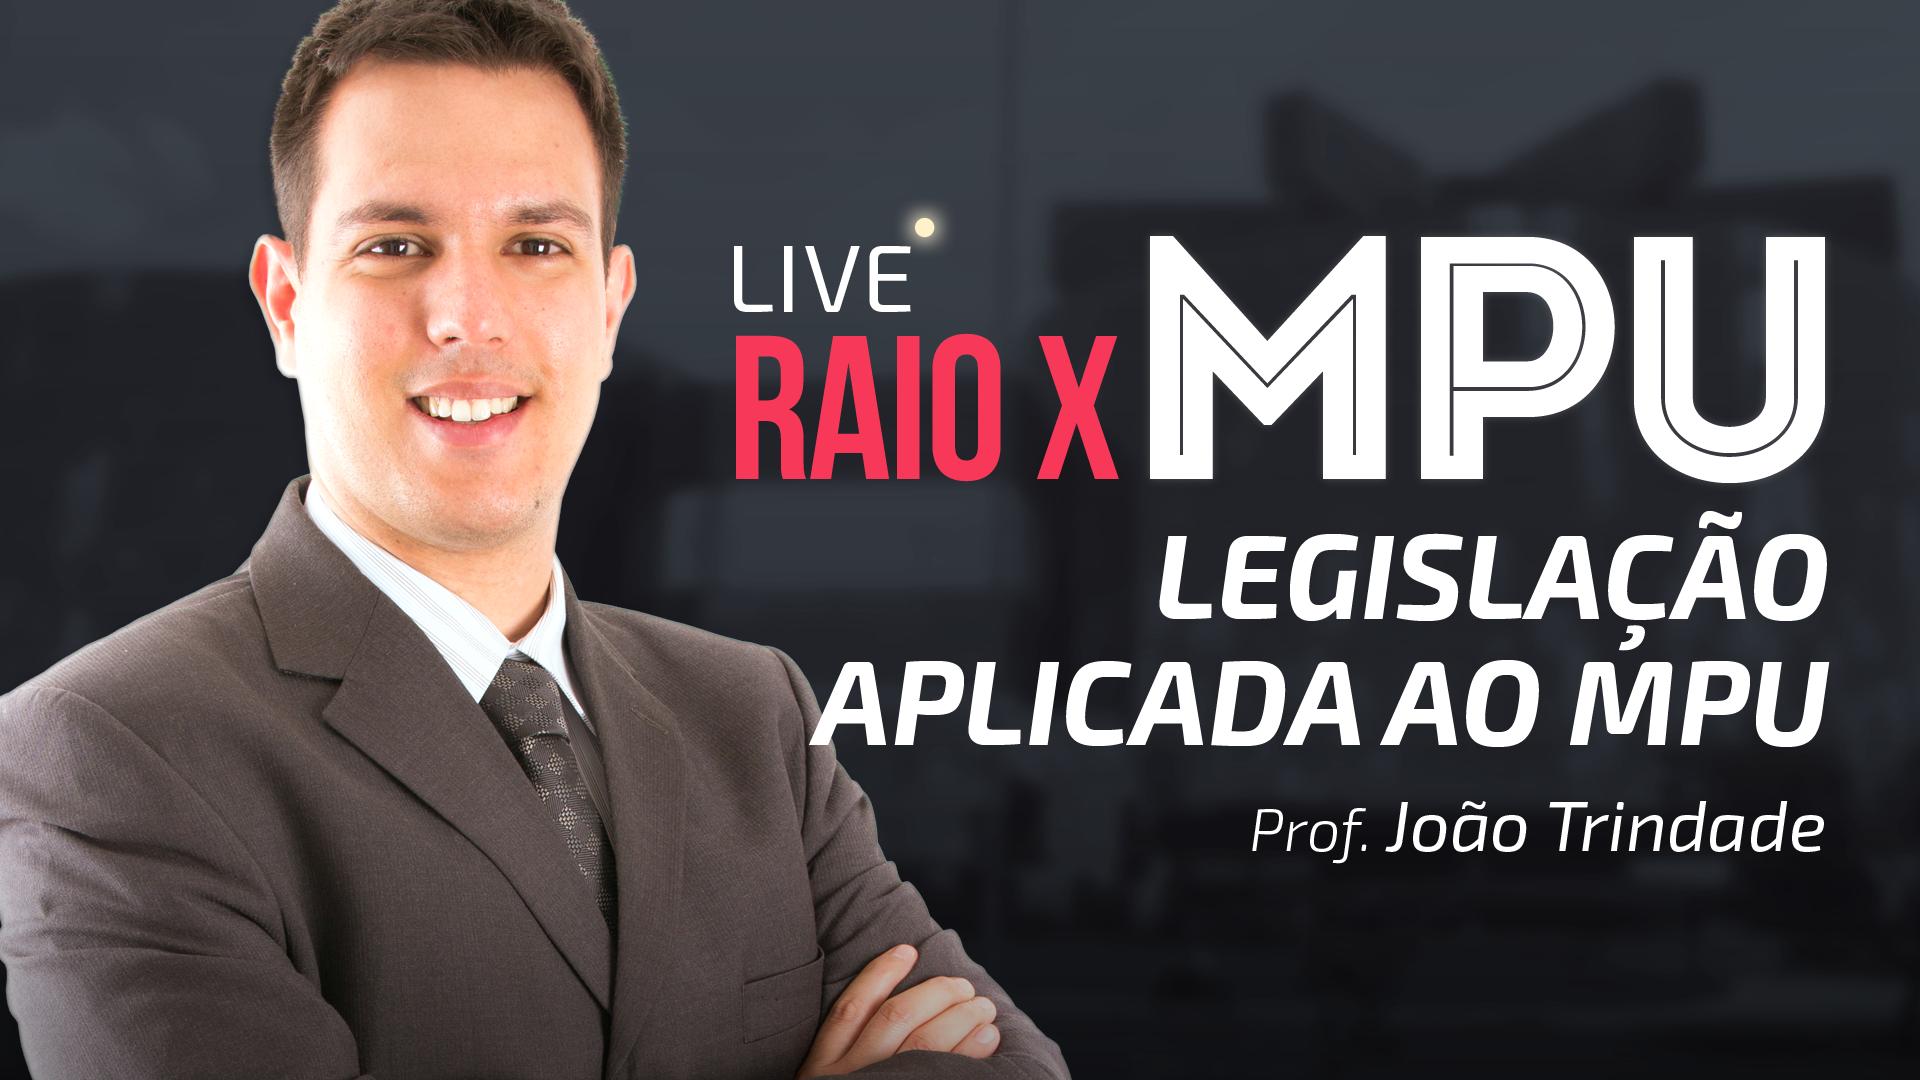 RAIO X MPU - Legislação Aplicada para o MPU para Técnico e Analista